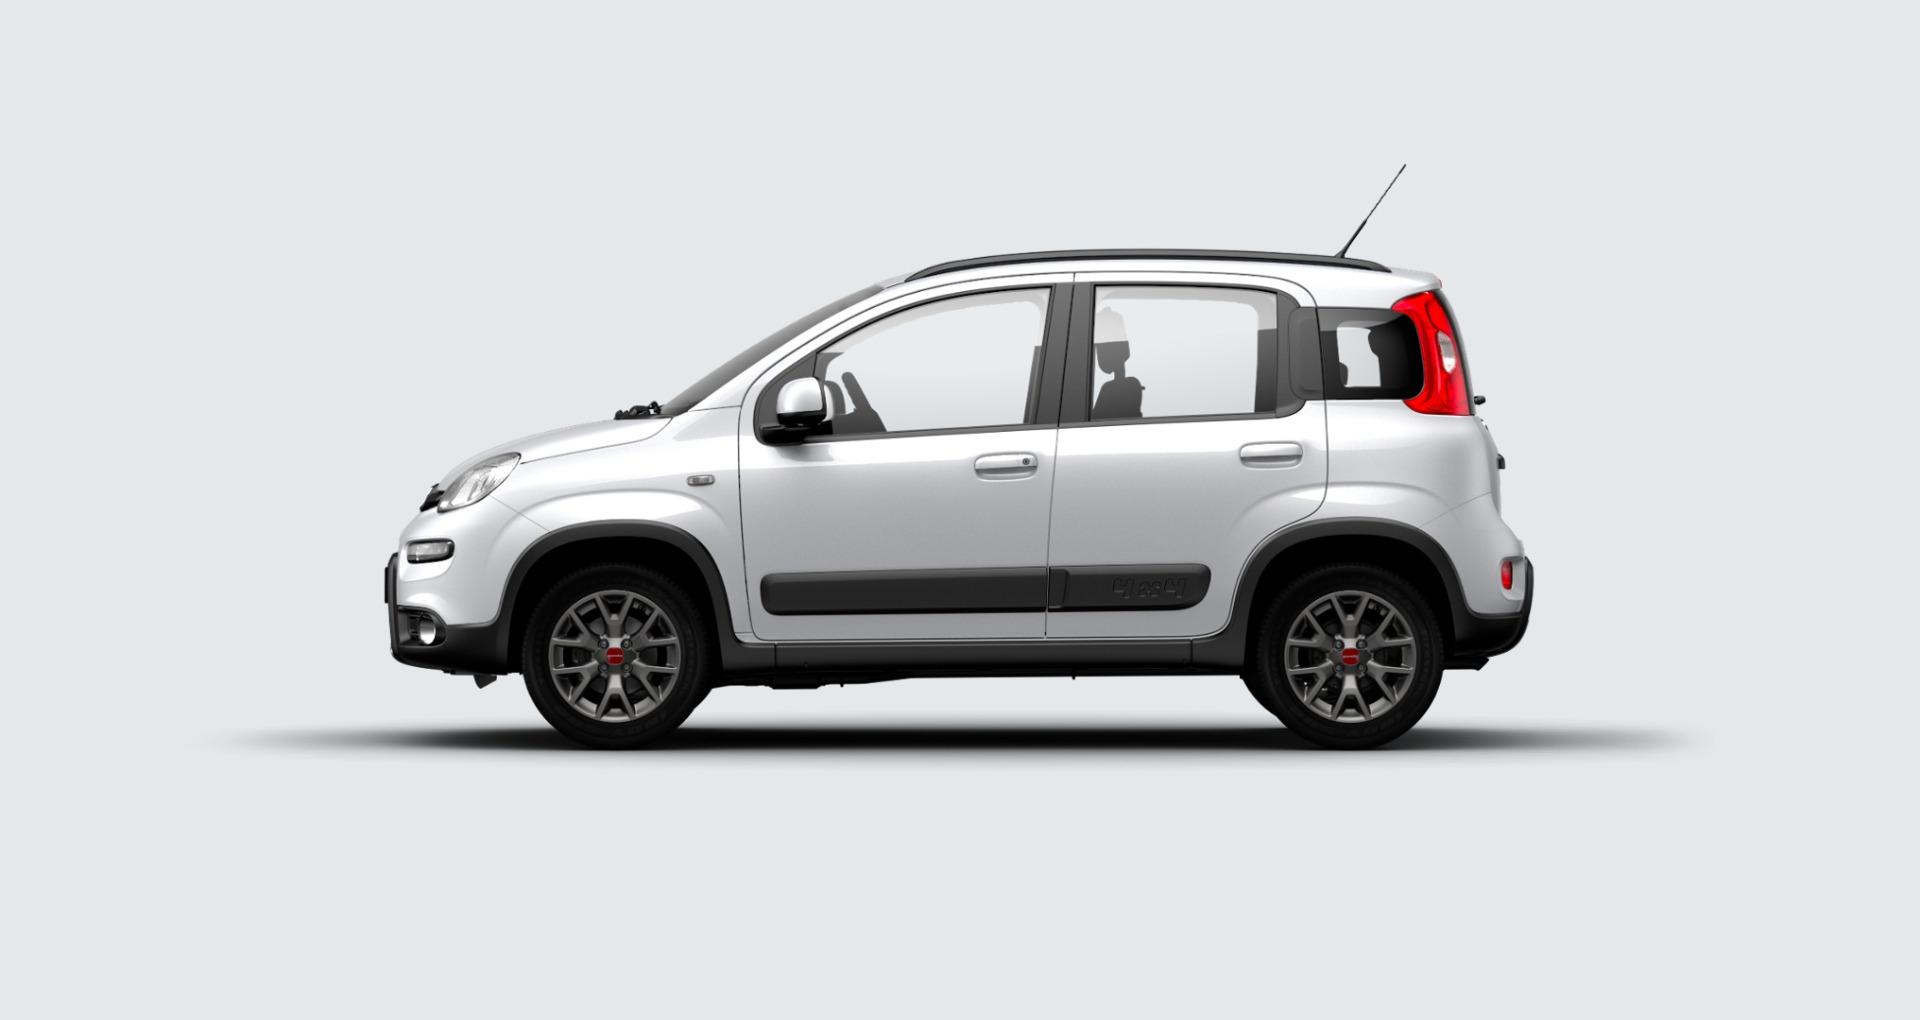 Fiat panda 4x4 grigio argento km0 a soli 16100 su miacar for Immagini panda 4x4